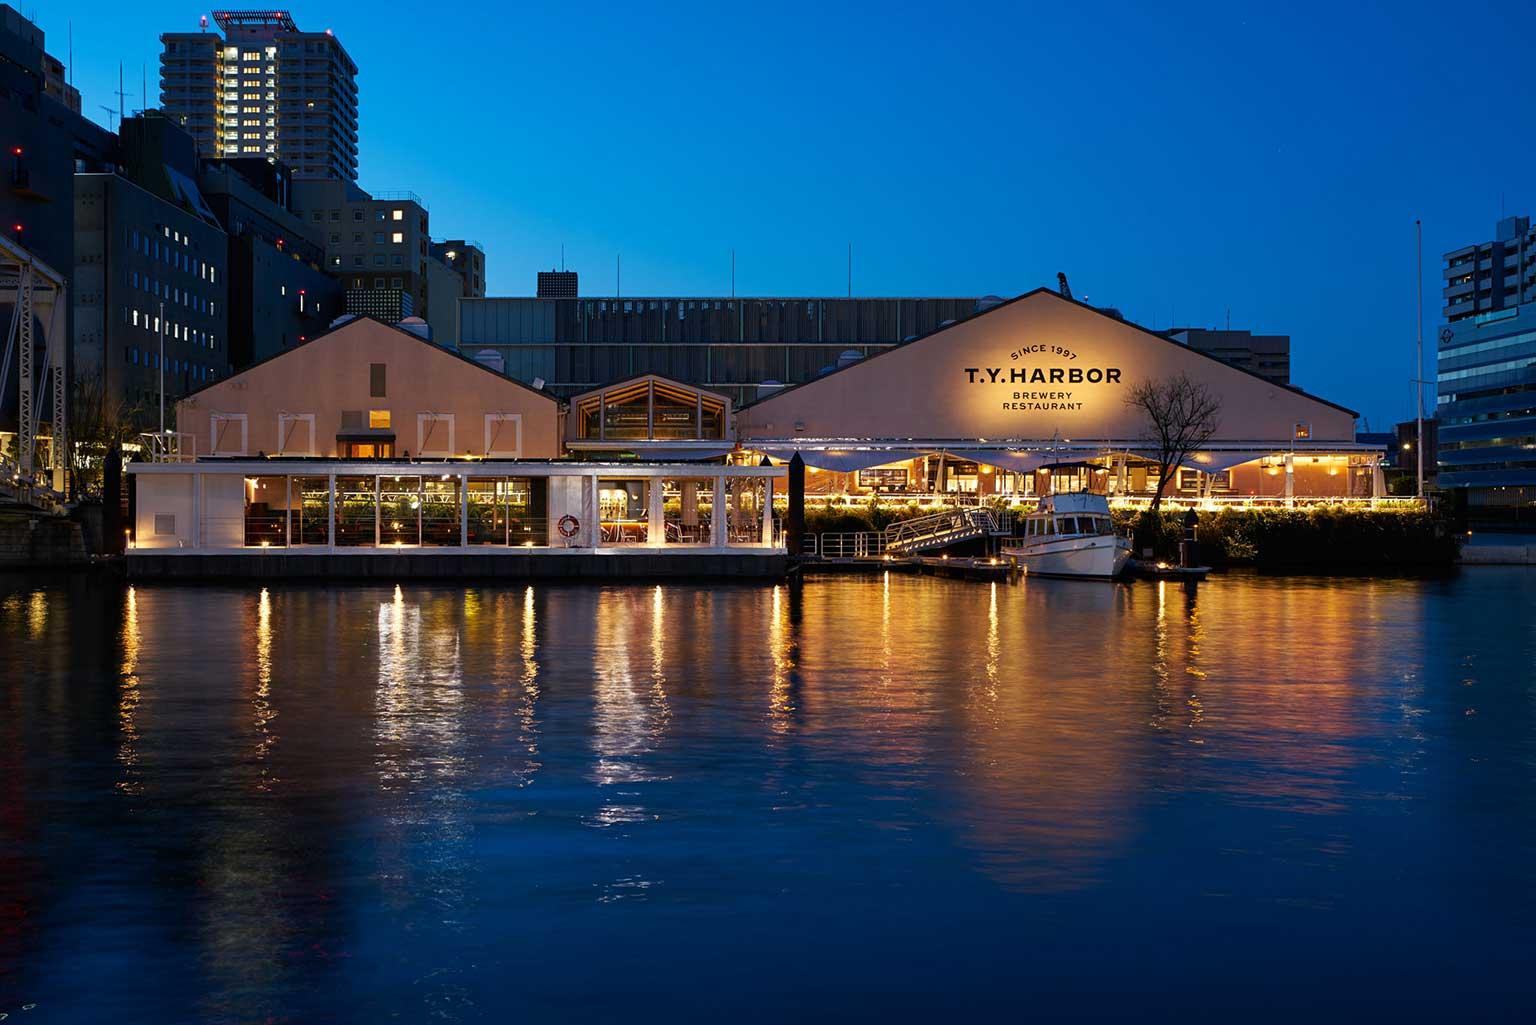 醸造所を併設したブルワリーレストラン。 目の前に拡がる運河には水上ラウンジが浮かぶ 天王洲地域のランドマーク 醸造所を併設したブルワリーレストラン。約350席を有するダイニングは、クラフトビアバー、個室、2階席、そして運河をのぞめるテラス席からなり、さらに目の前には都内唯一の水上ラウンジRiver Lounge。飲食を思う存分楽しむ水辺の空間は天王洲地域のランドマーク